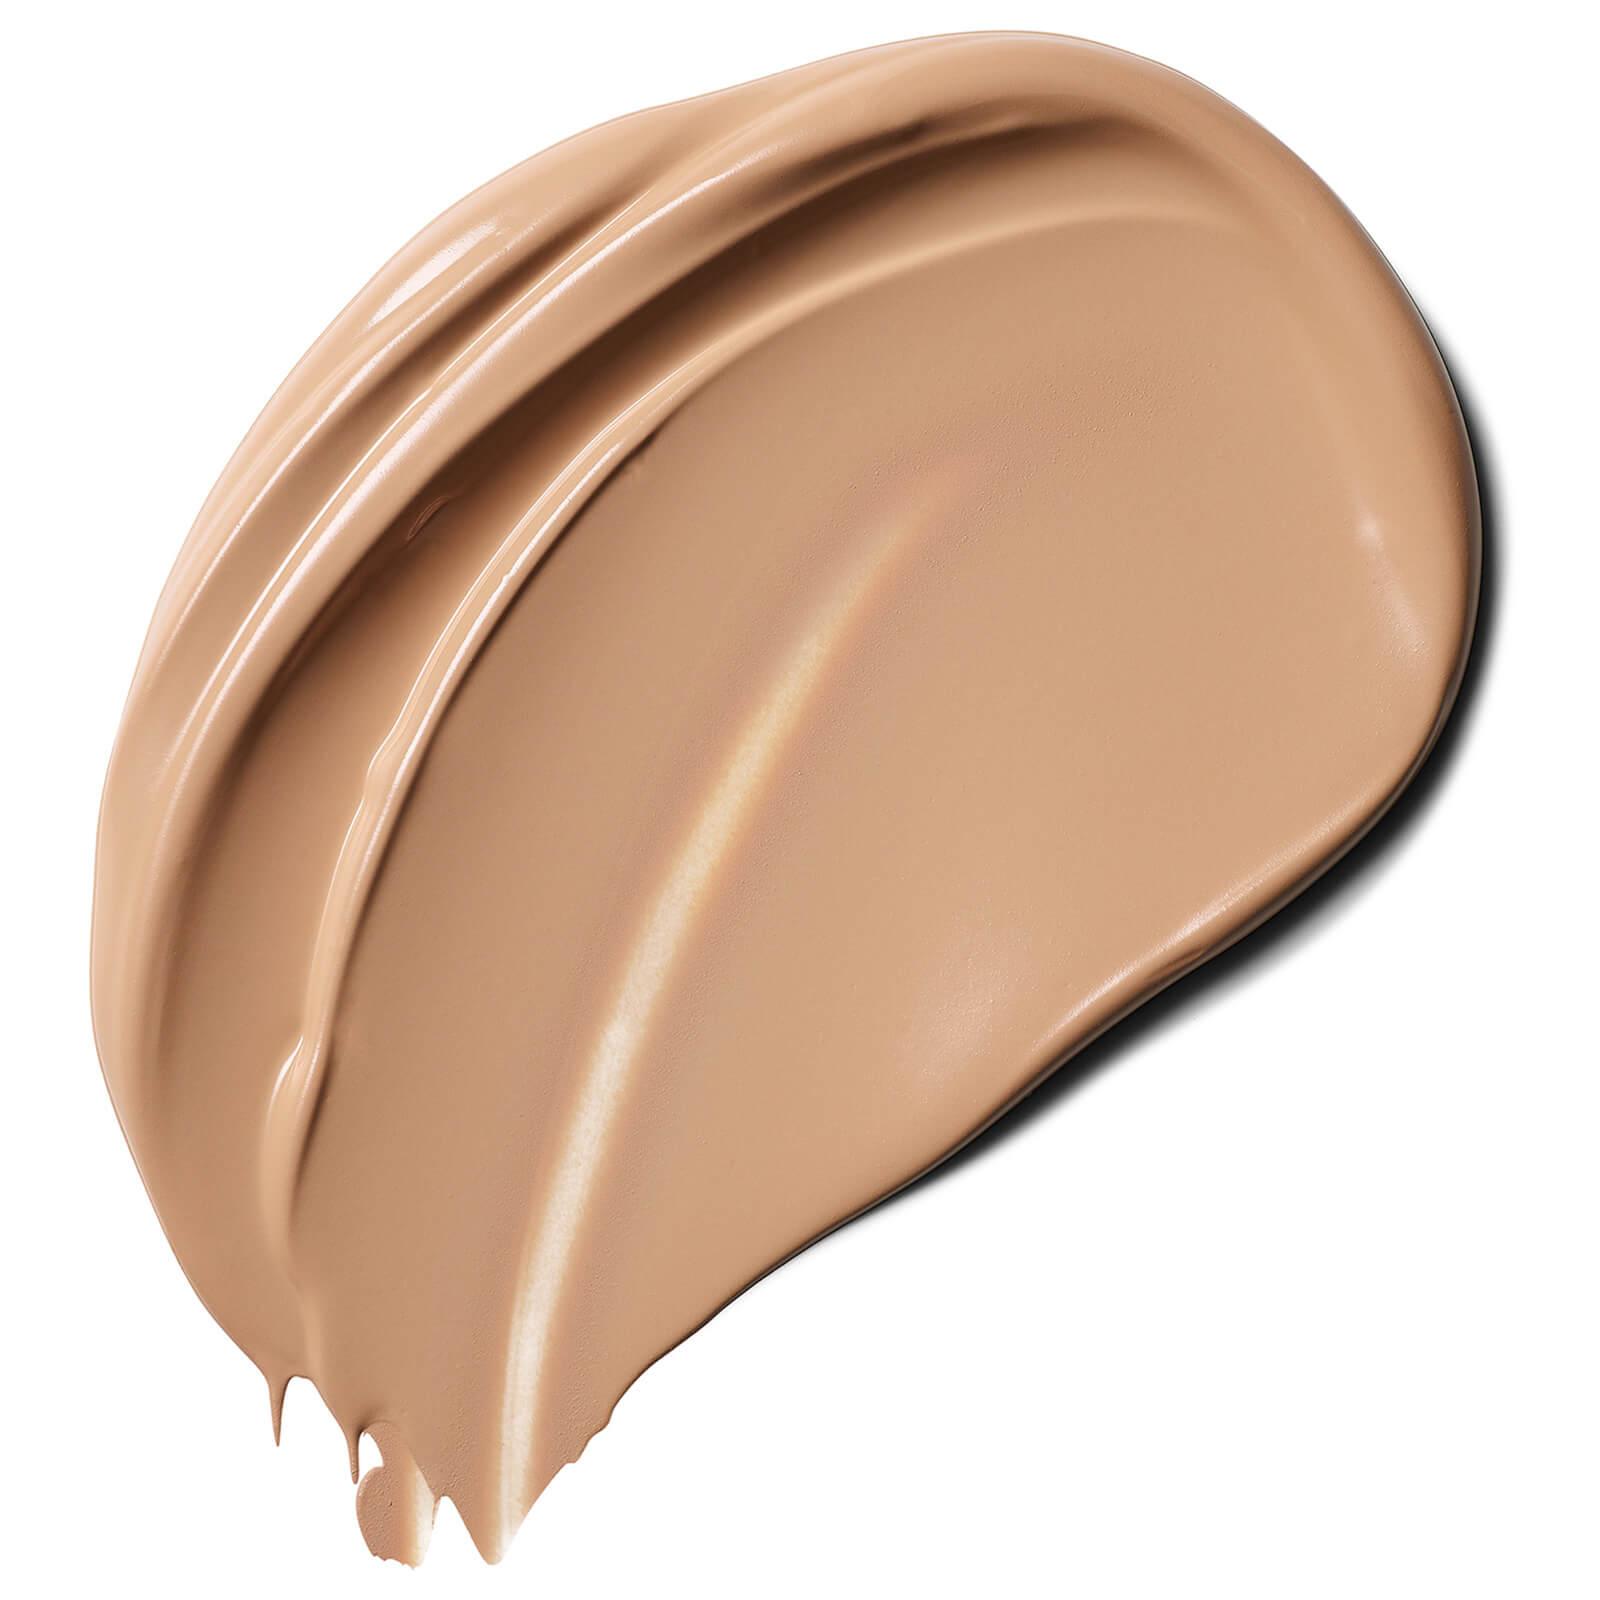 Estée Lauder Makeup camouflage maximum Double Wear pour le visage et le corpsd'Estée Lauder SPF15 30ml - 3N1 Ivory Beige